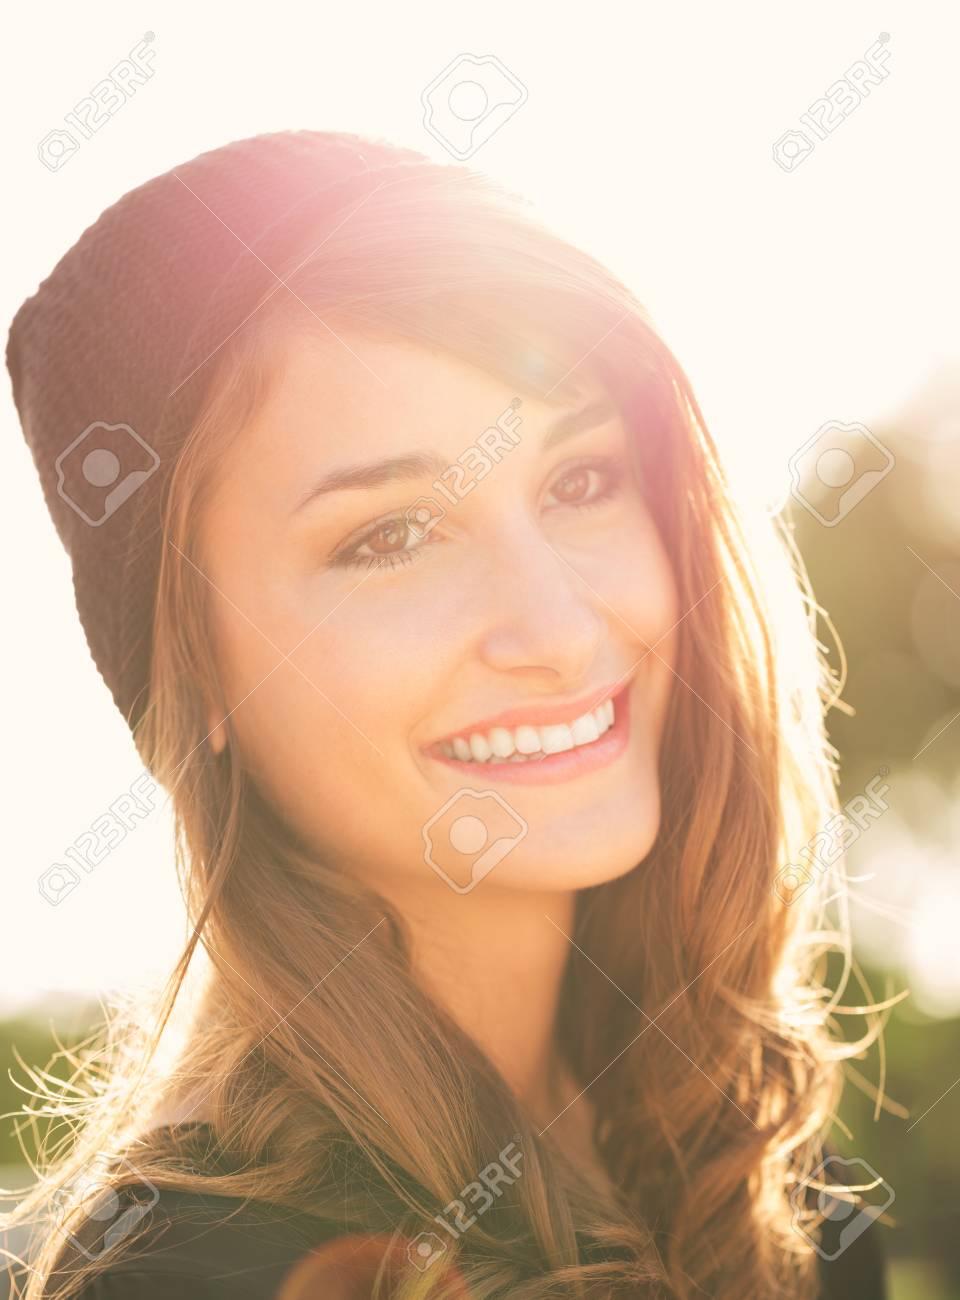 Banque d images - Mode portrait de belle jeune femme à l extérieur, des  tons de couleurs chaudes et ensoleillées 9377955e6597